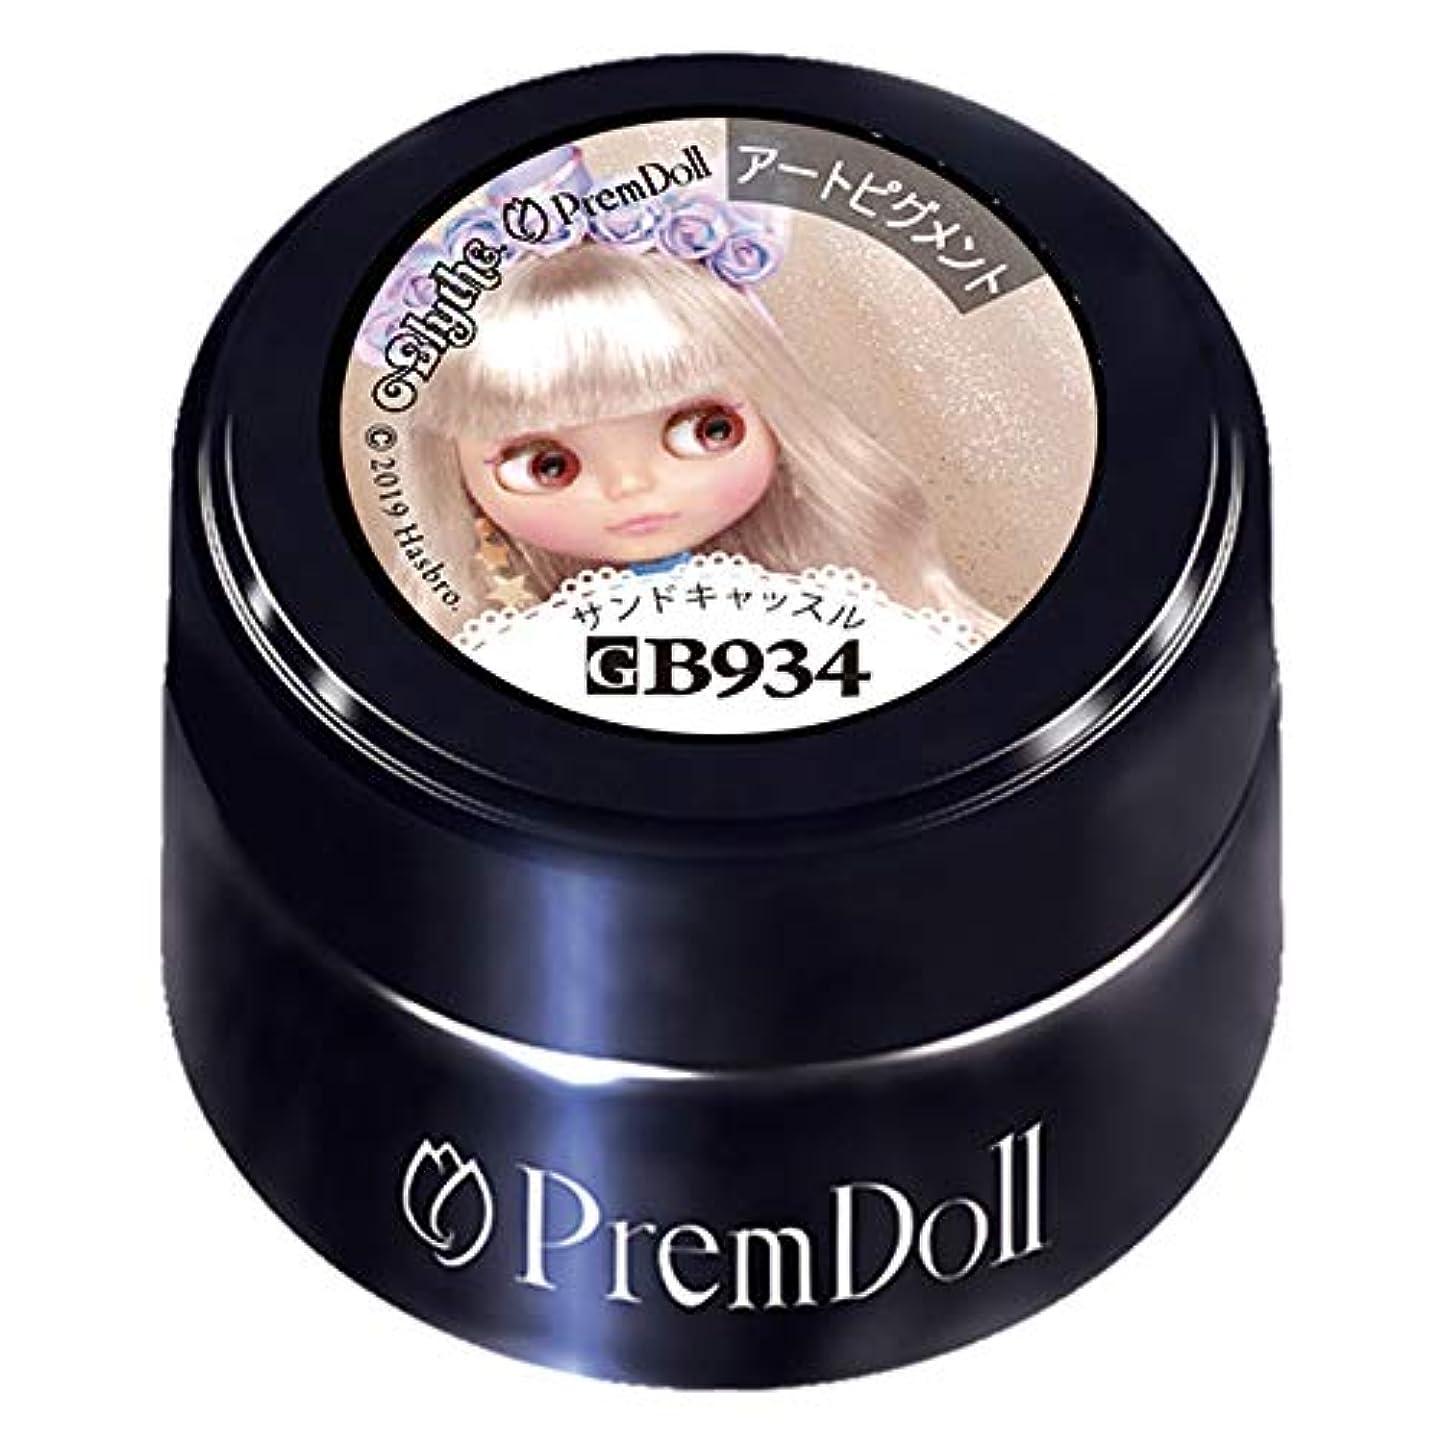 妖精時計お嬢PRE GEL プリムドール サンドキャッスル 3g DOLL-B934 カラージェル UV/LED対応